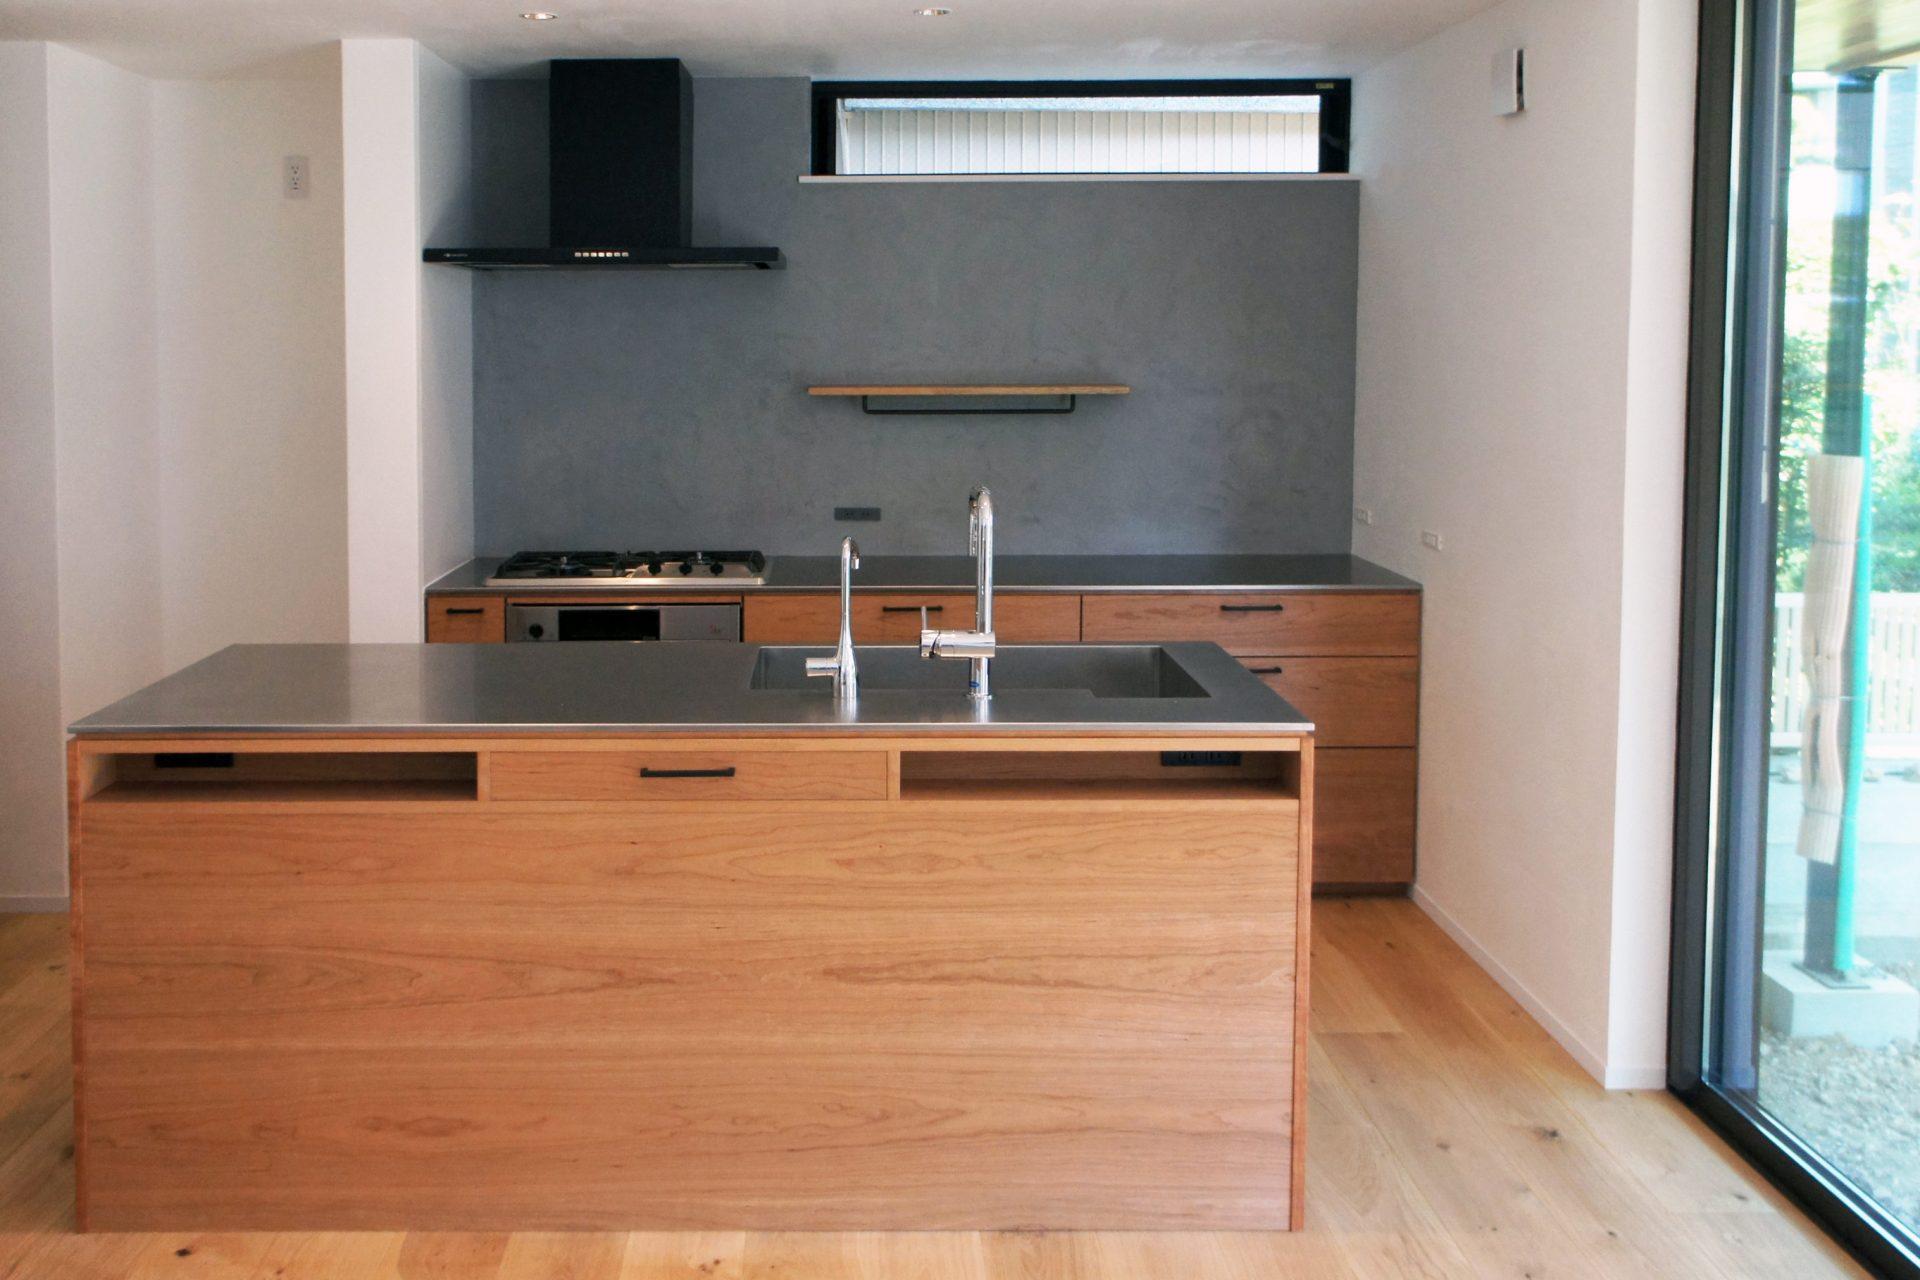 全体の材質にこだわったⅡ型キッチン